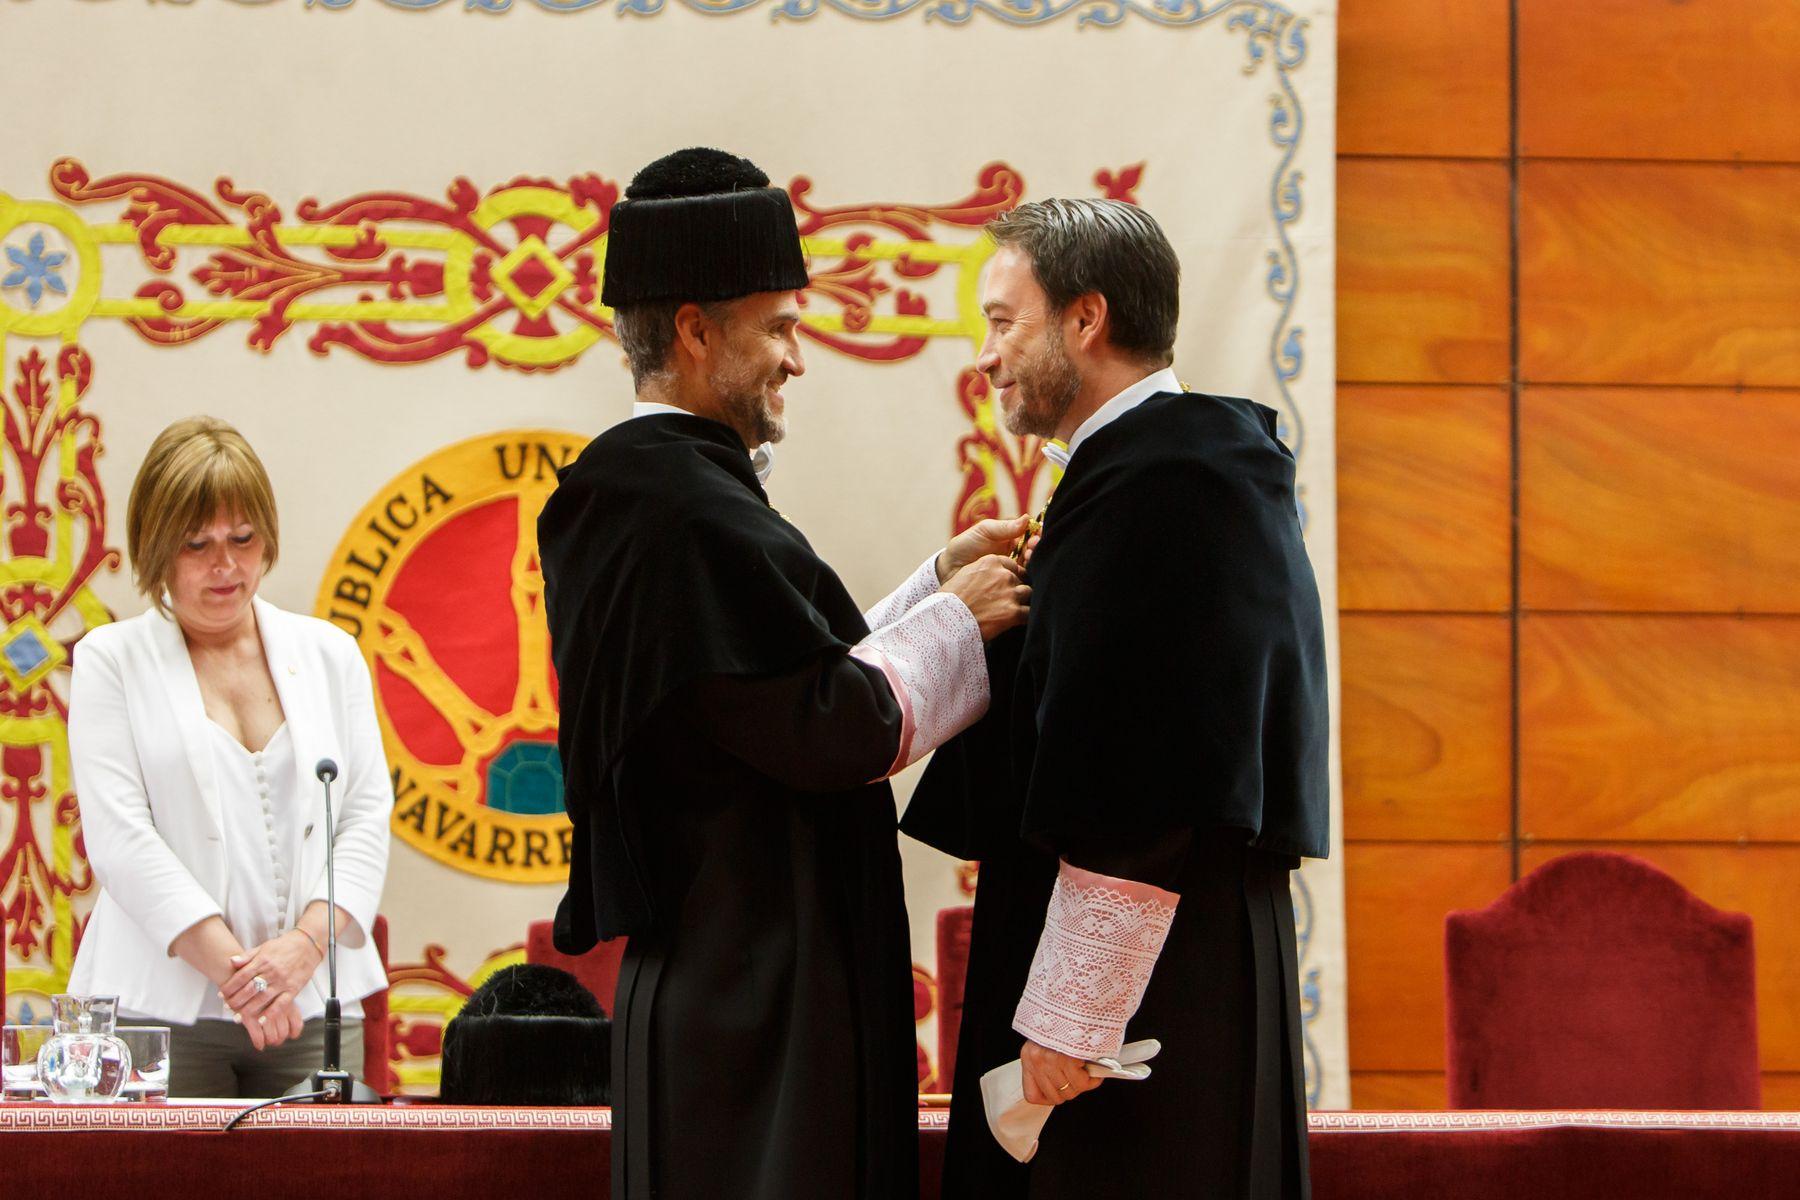 El rector saliente, Alfonso Carlosena, impone la medalla al nuevo rector.